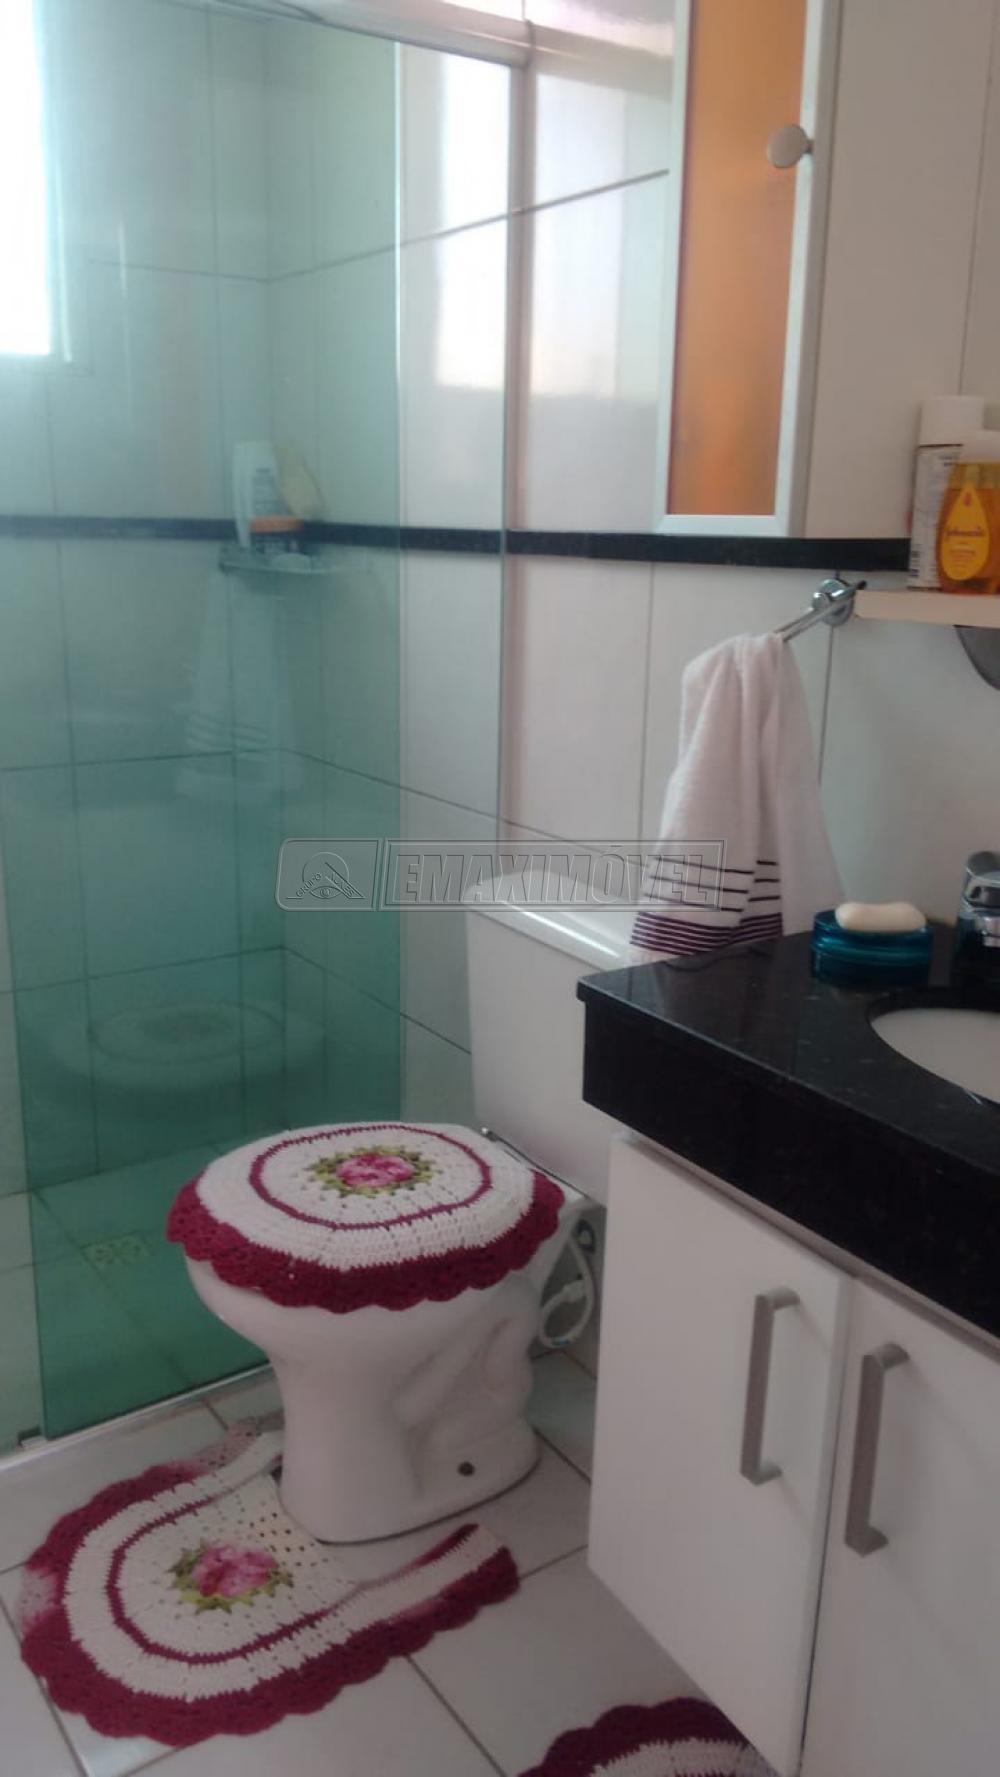 Comprar Casa / em Condomínios em Sorocaba R$ 500.000,00 - Foto 3